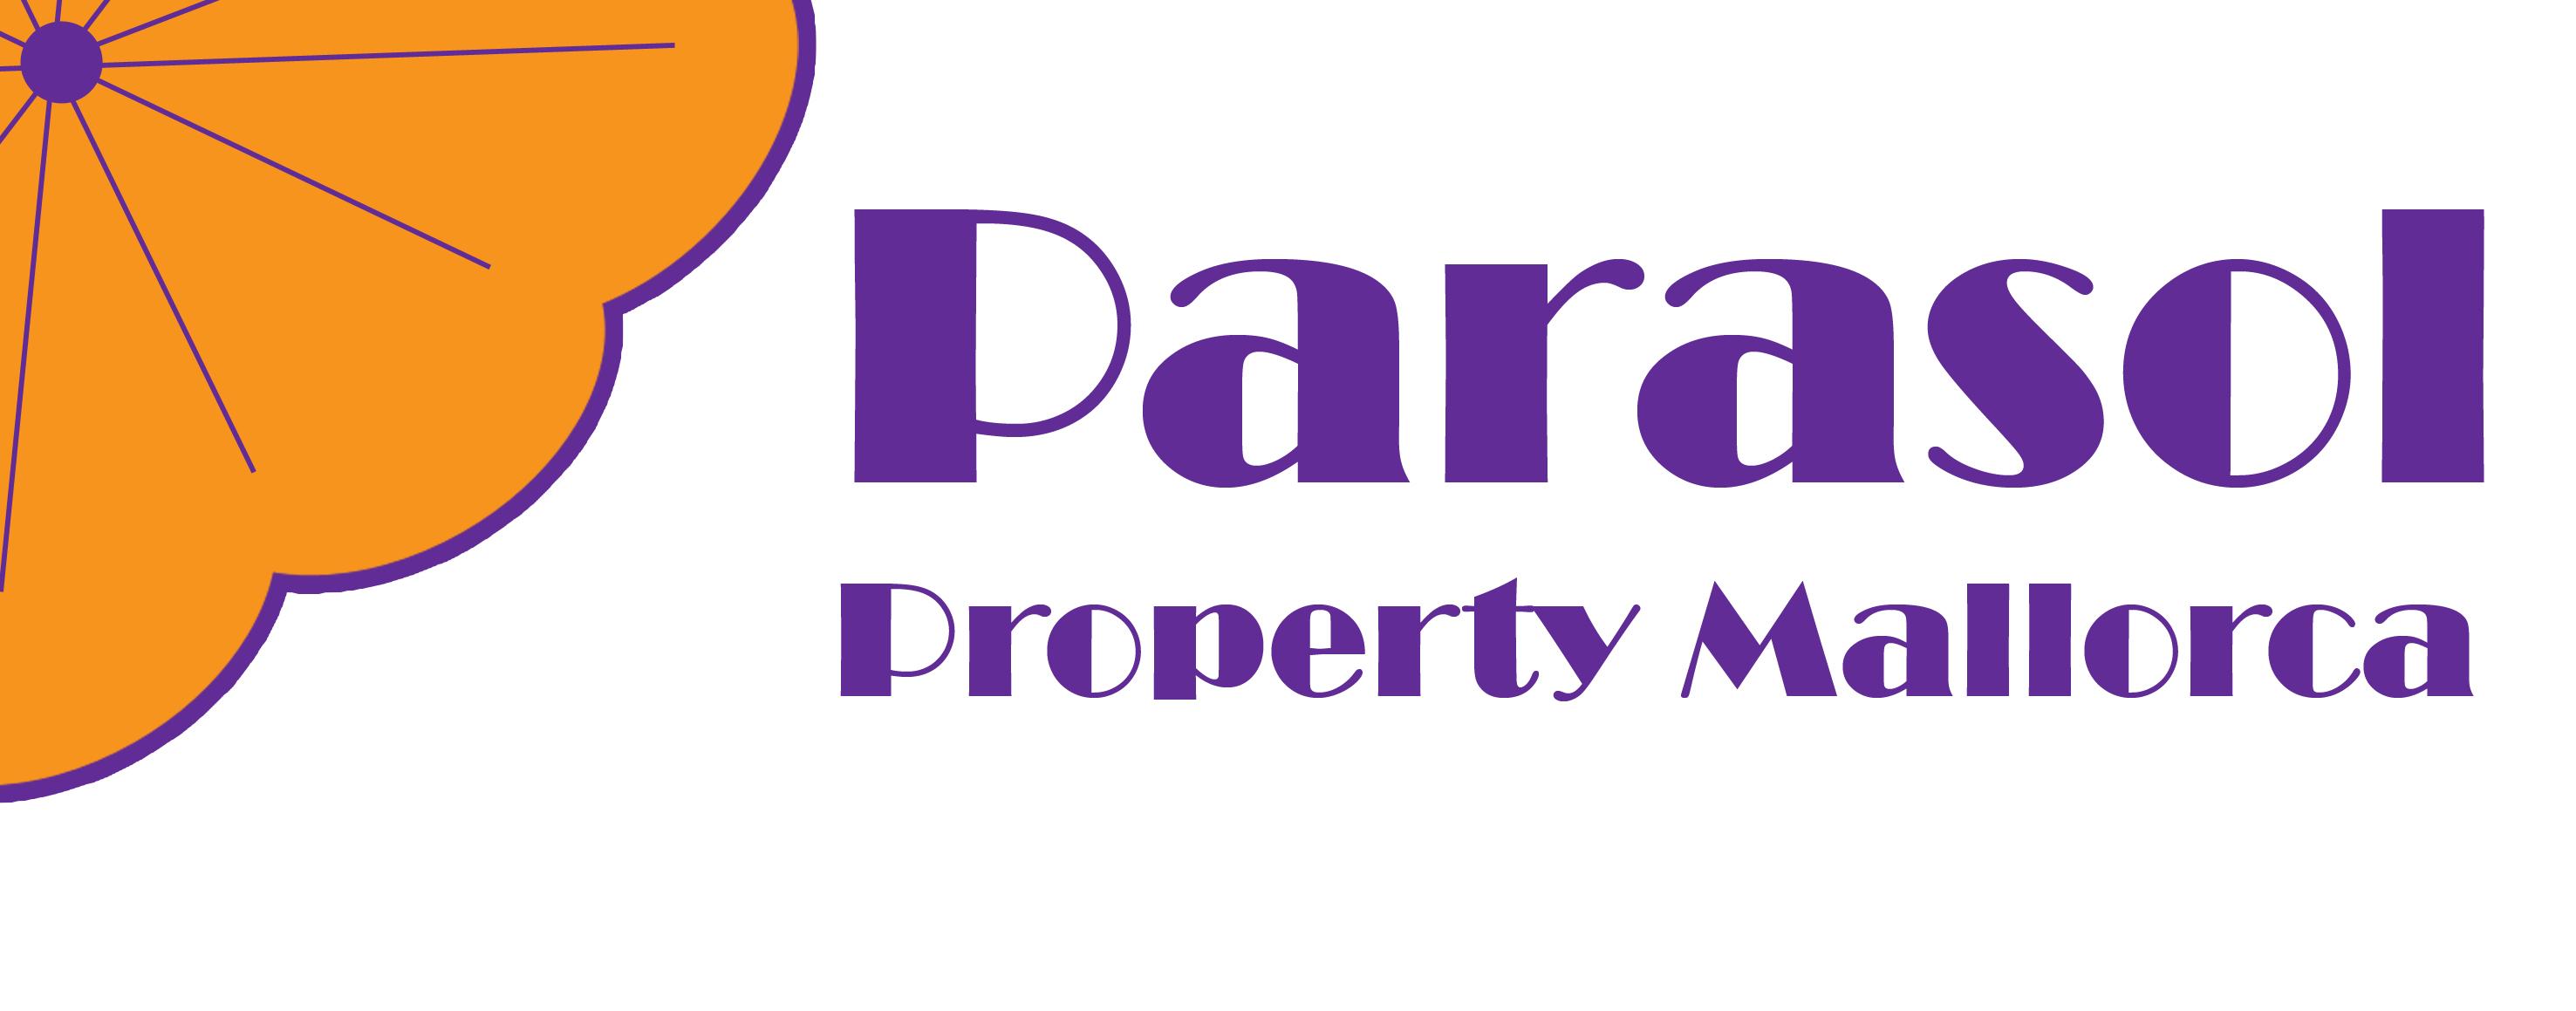 property rentals sales mallorca